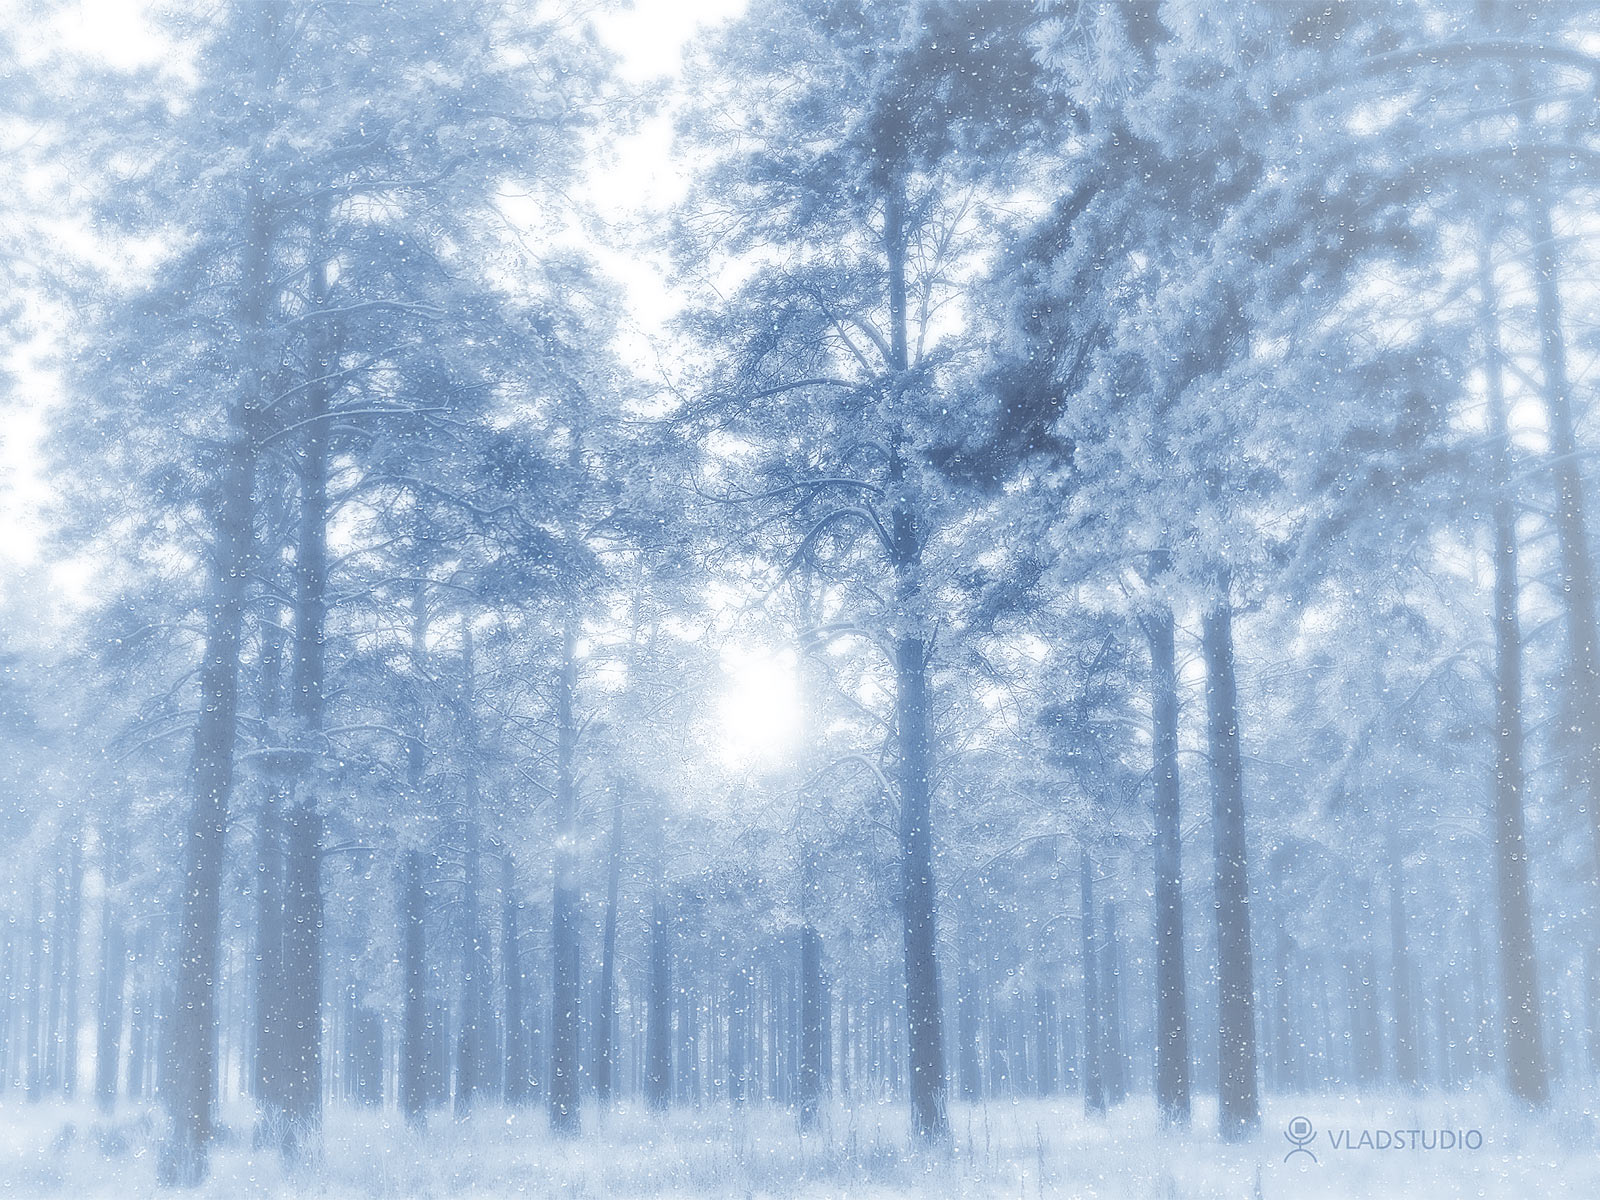 http://2.bp.blogspot.com/-DQx5NdnGt8Q/TtZ_sKF9a8I/AAAAAAAAI7Y/D44C6VnPE34/s1600/Winter%2BWallpaper%2B%25282%2529.jpg